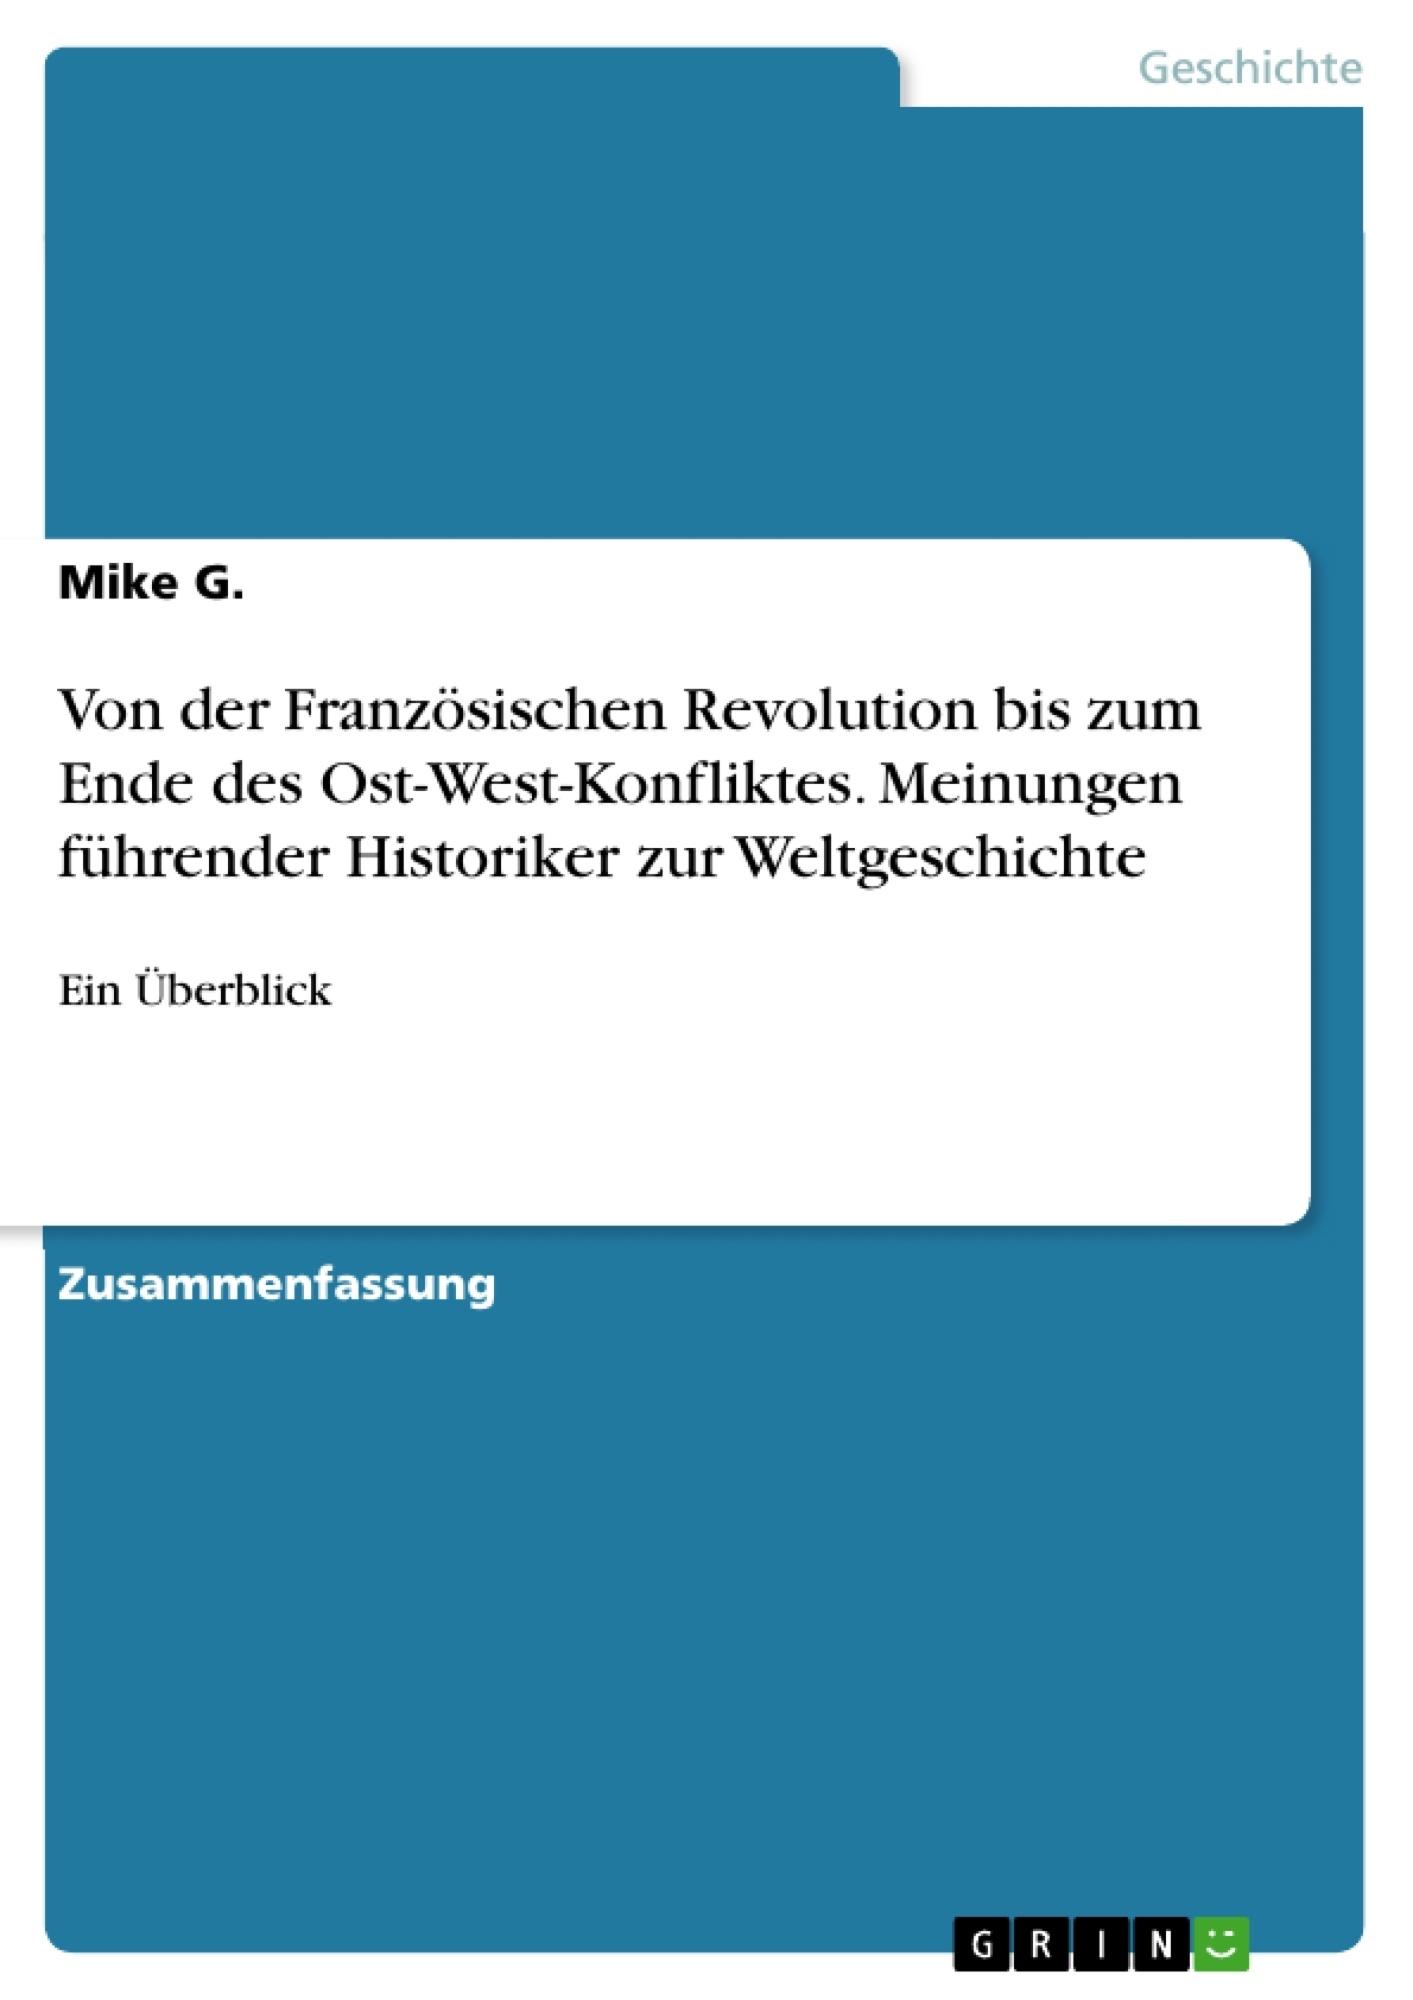 Titel: Von der Französischen Revolution bis zum Ende des Ost-West-Konfliktes. Meinungen führender Historiker zur Weltgeschichte